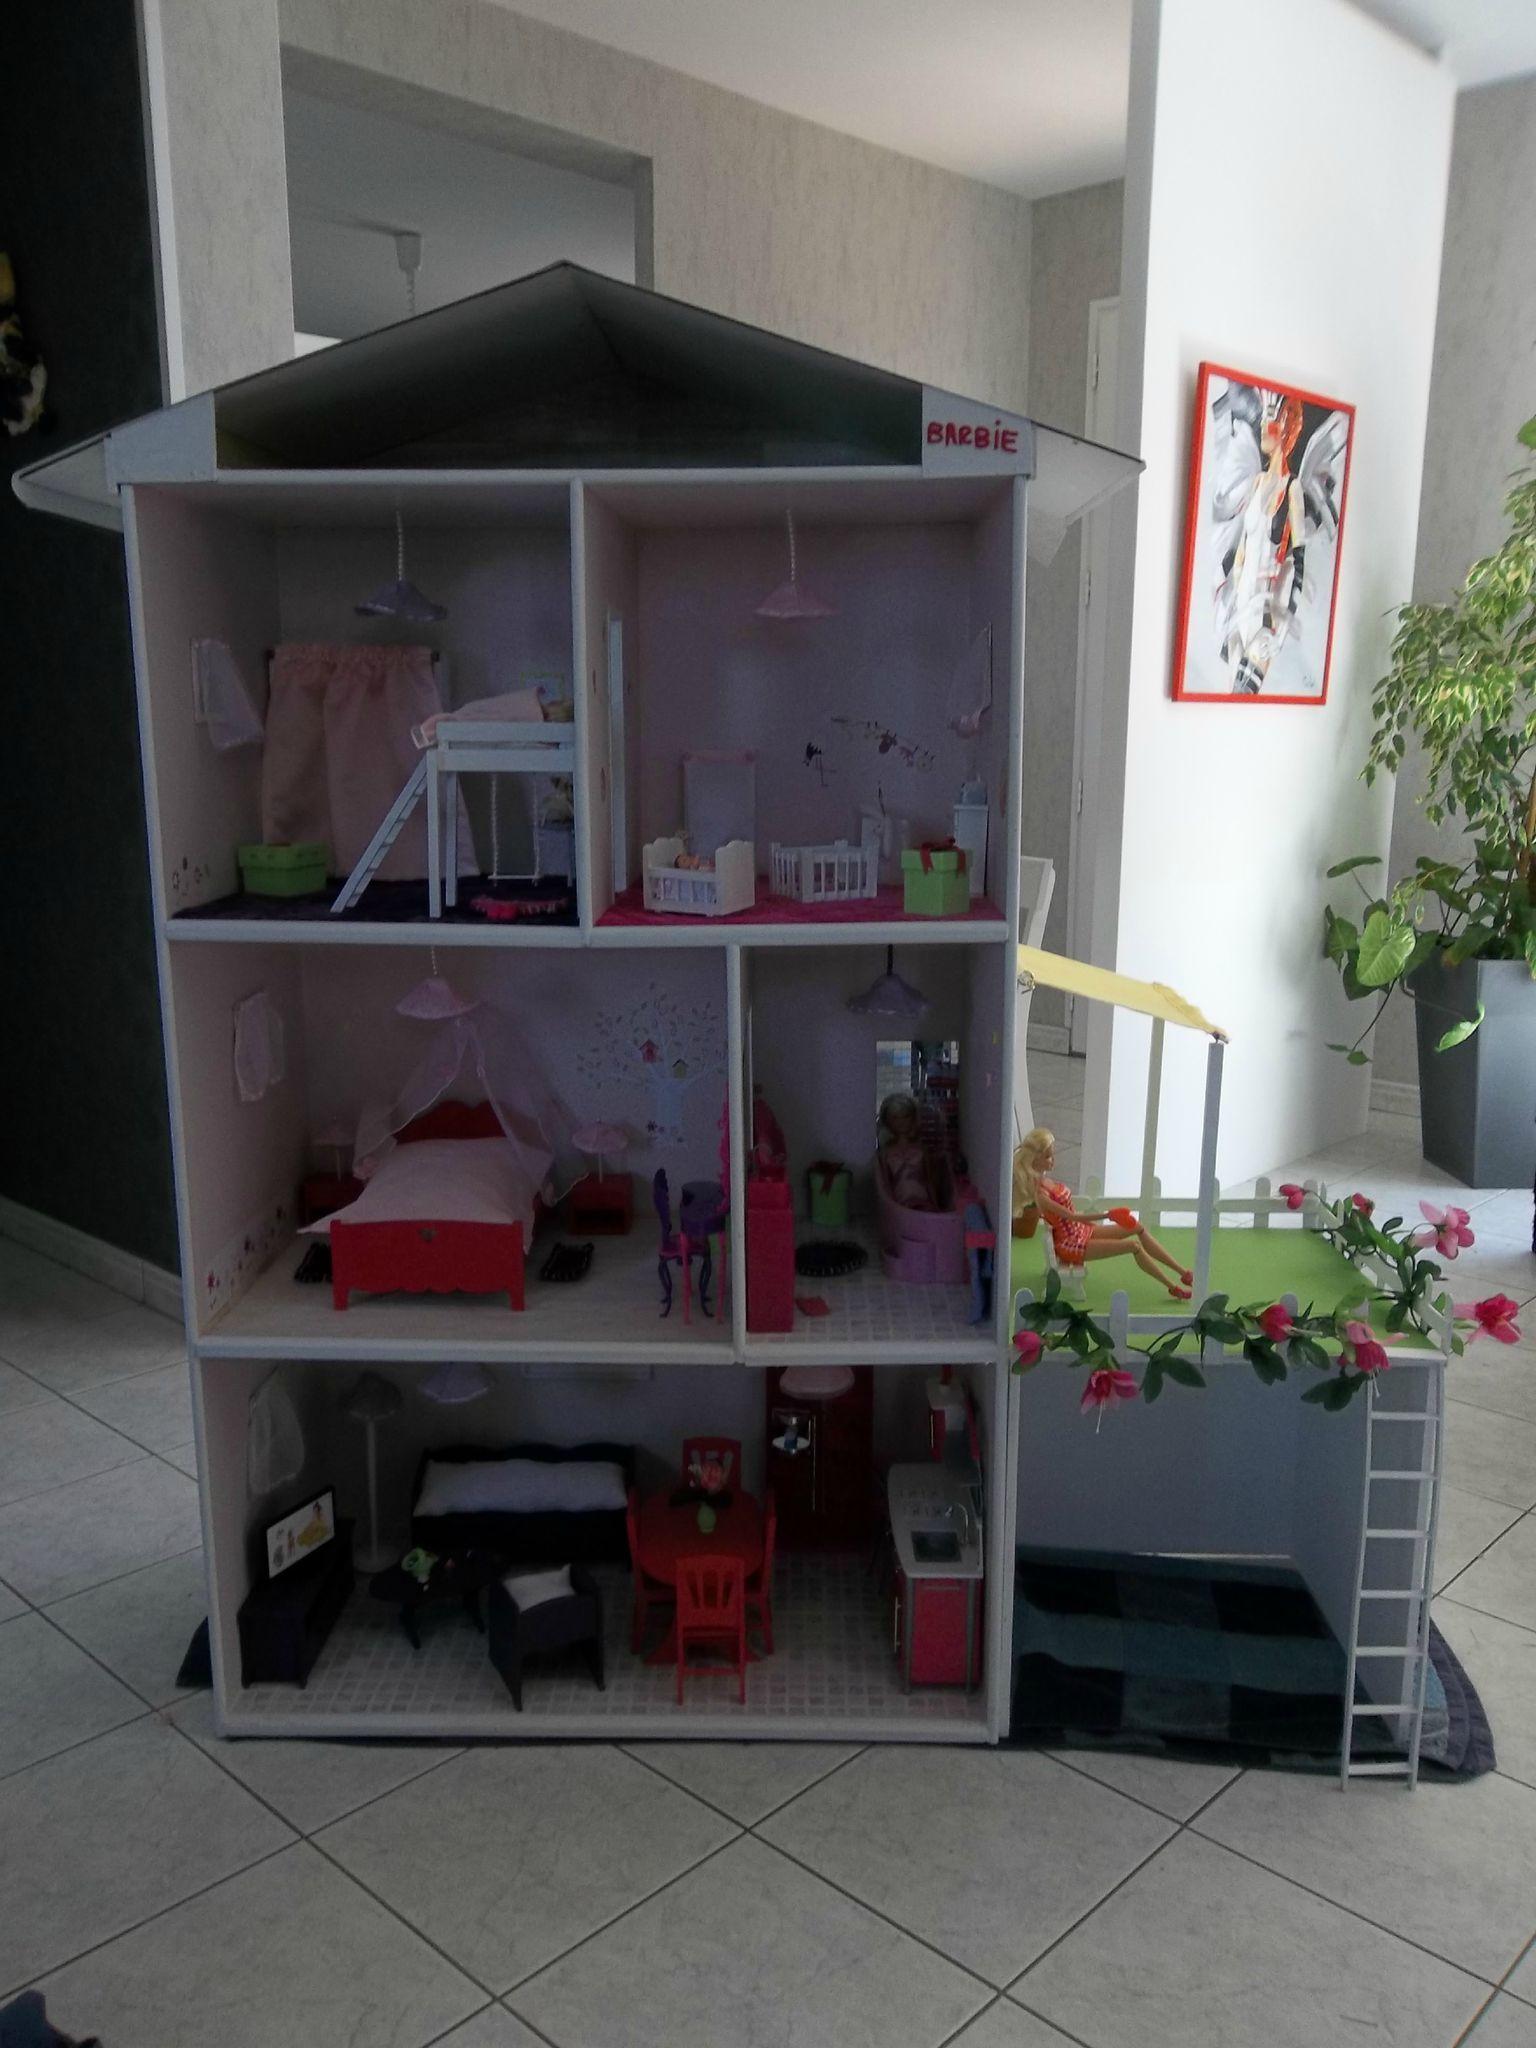 Construire une maison de barbie en bois hq27 jornalagora for Maison a construire 37